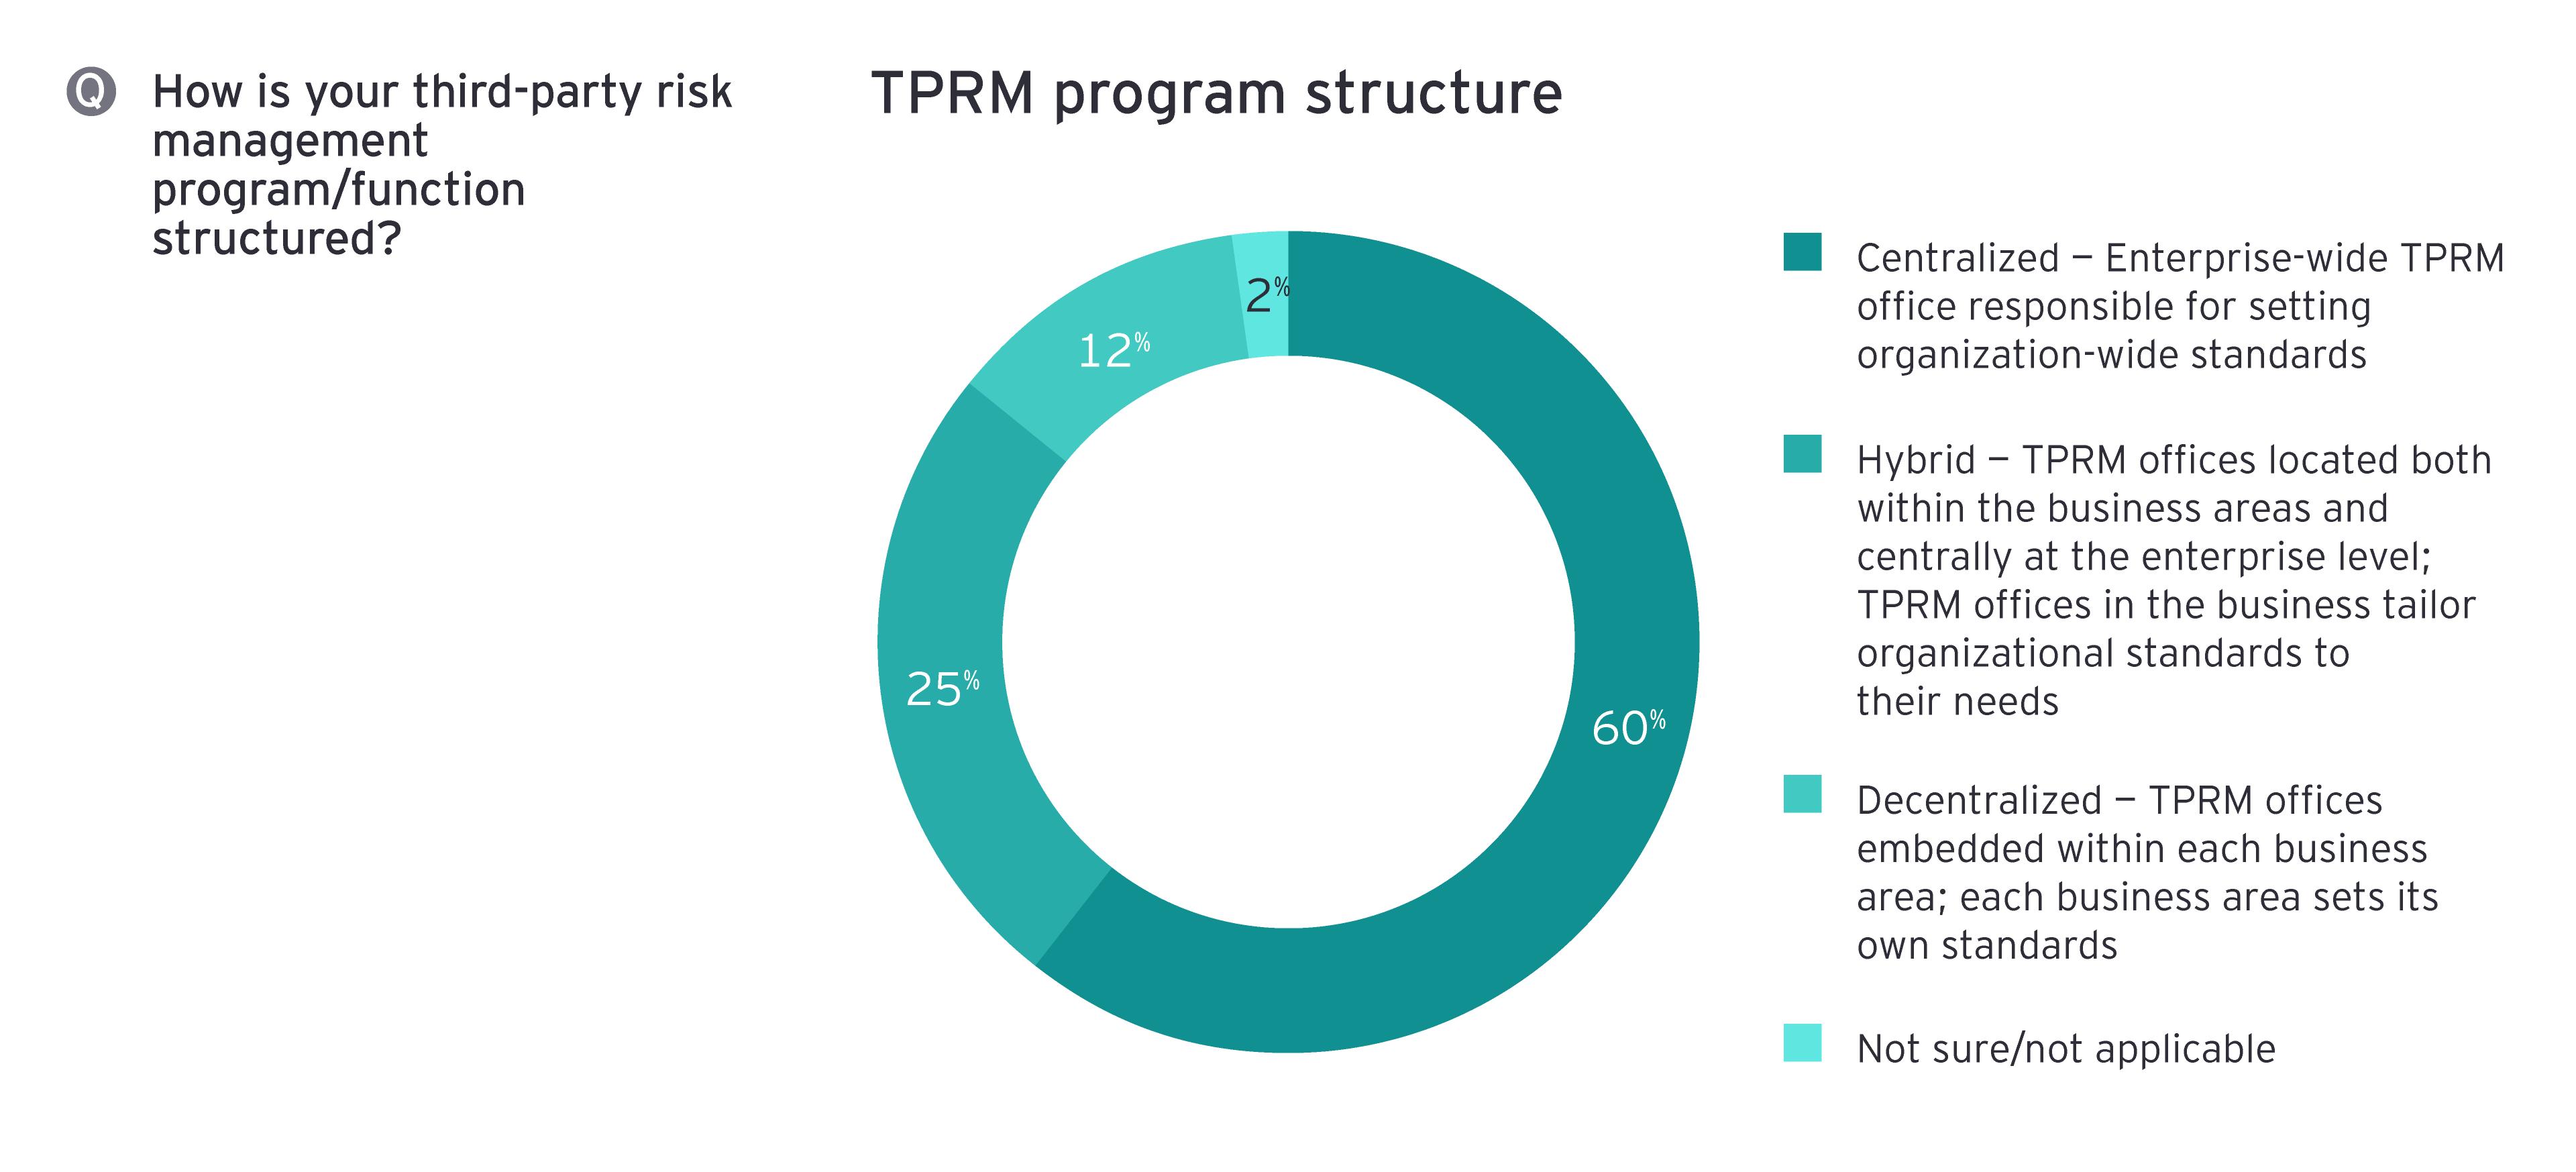 TPRM program structure